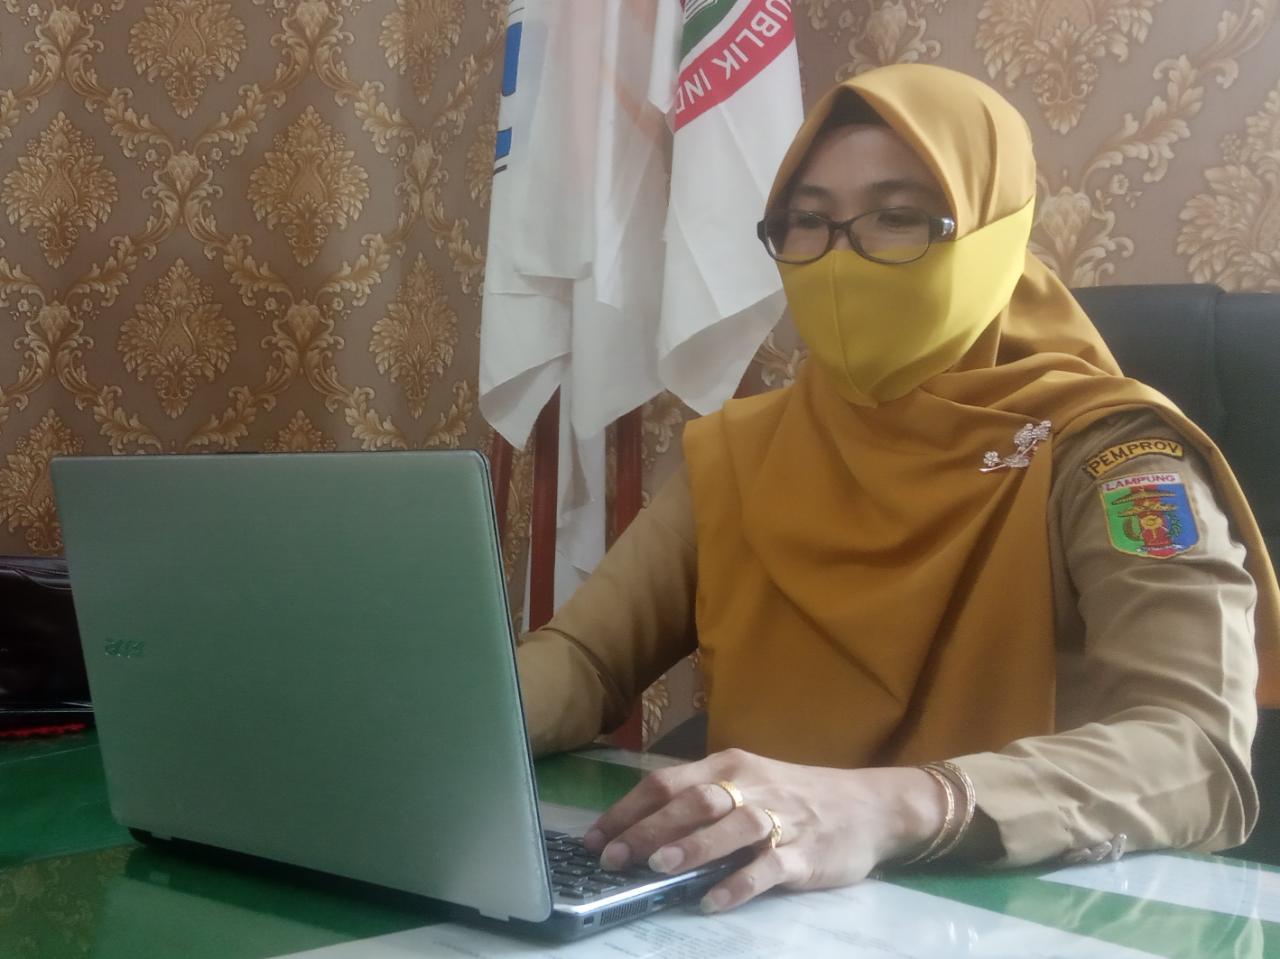 SMAN 1 Kota Gajah Mulai Buka PPDB Secara Online